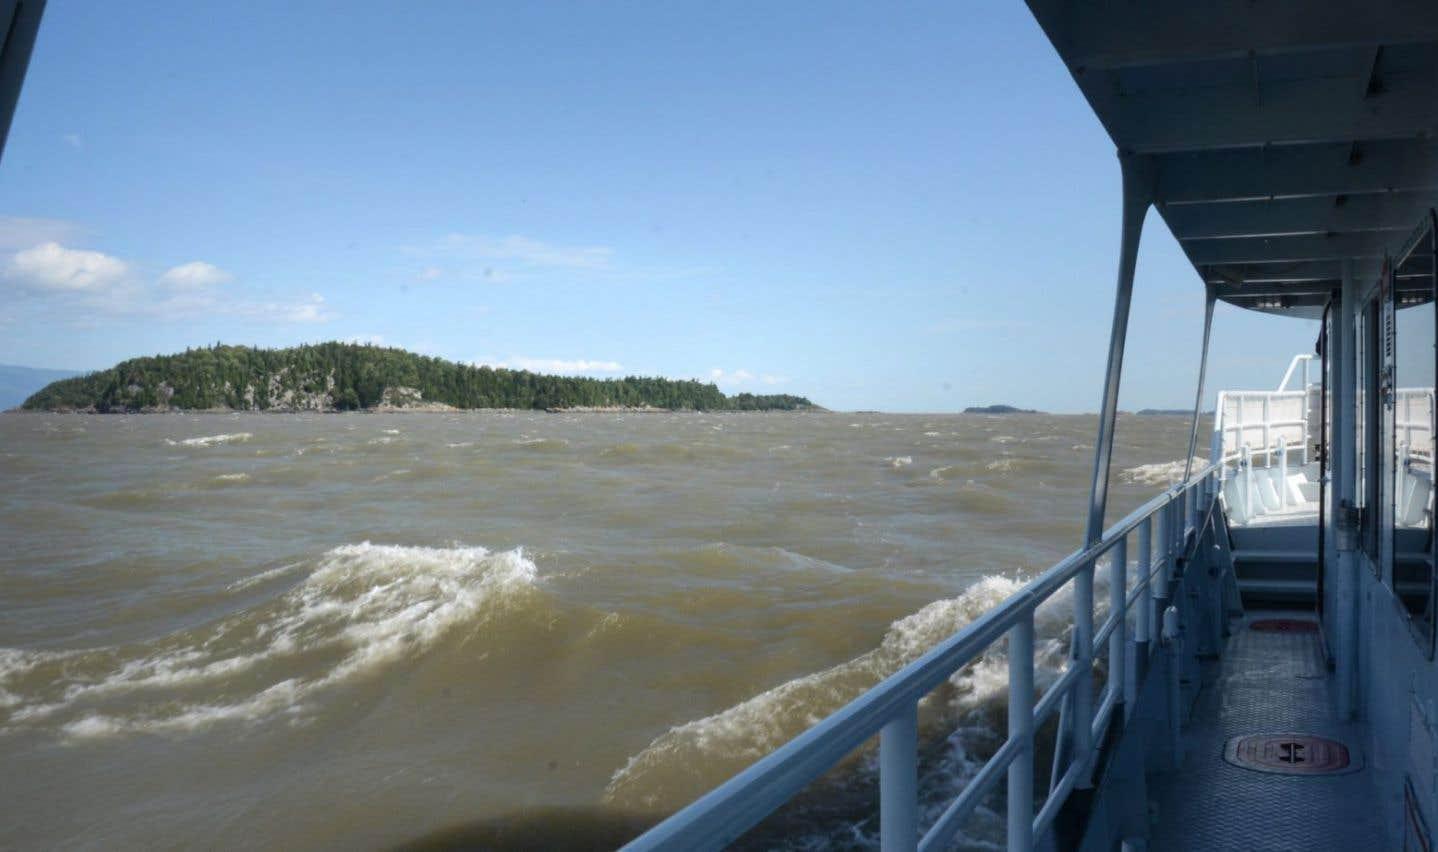 Golfe du Saint-Laurent: une vitesse maximale imposée pour protéger les baleines